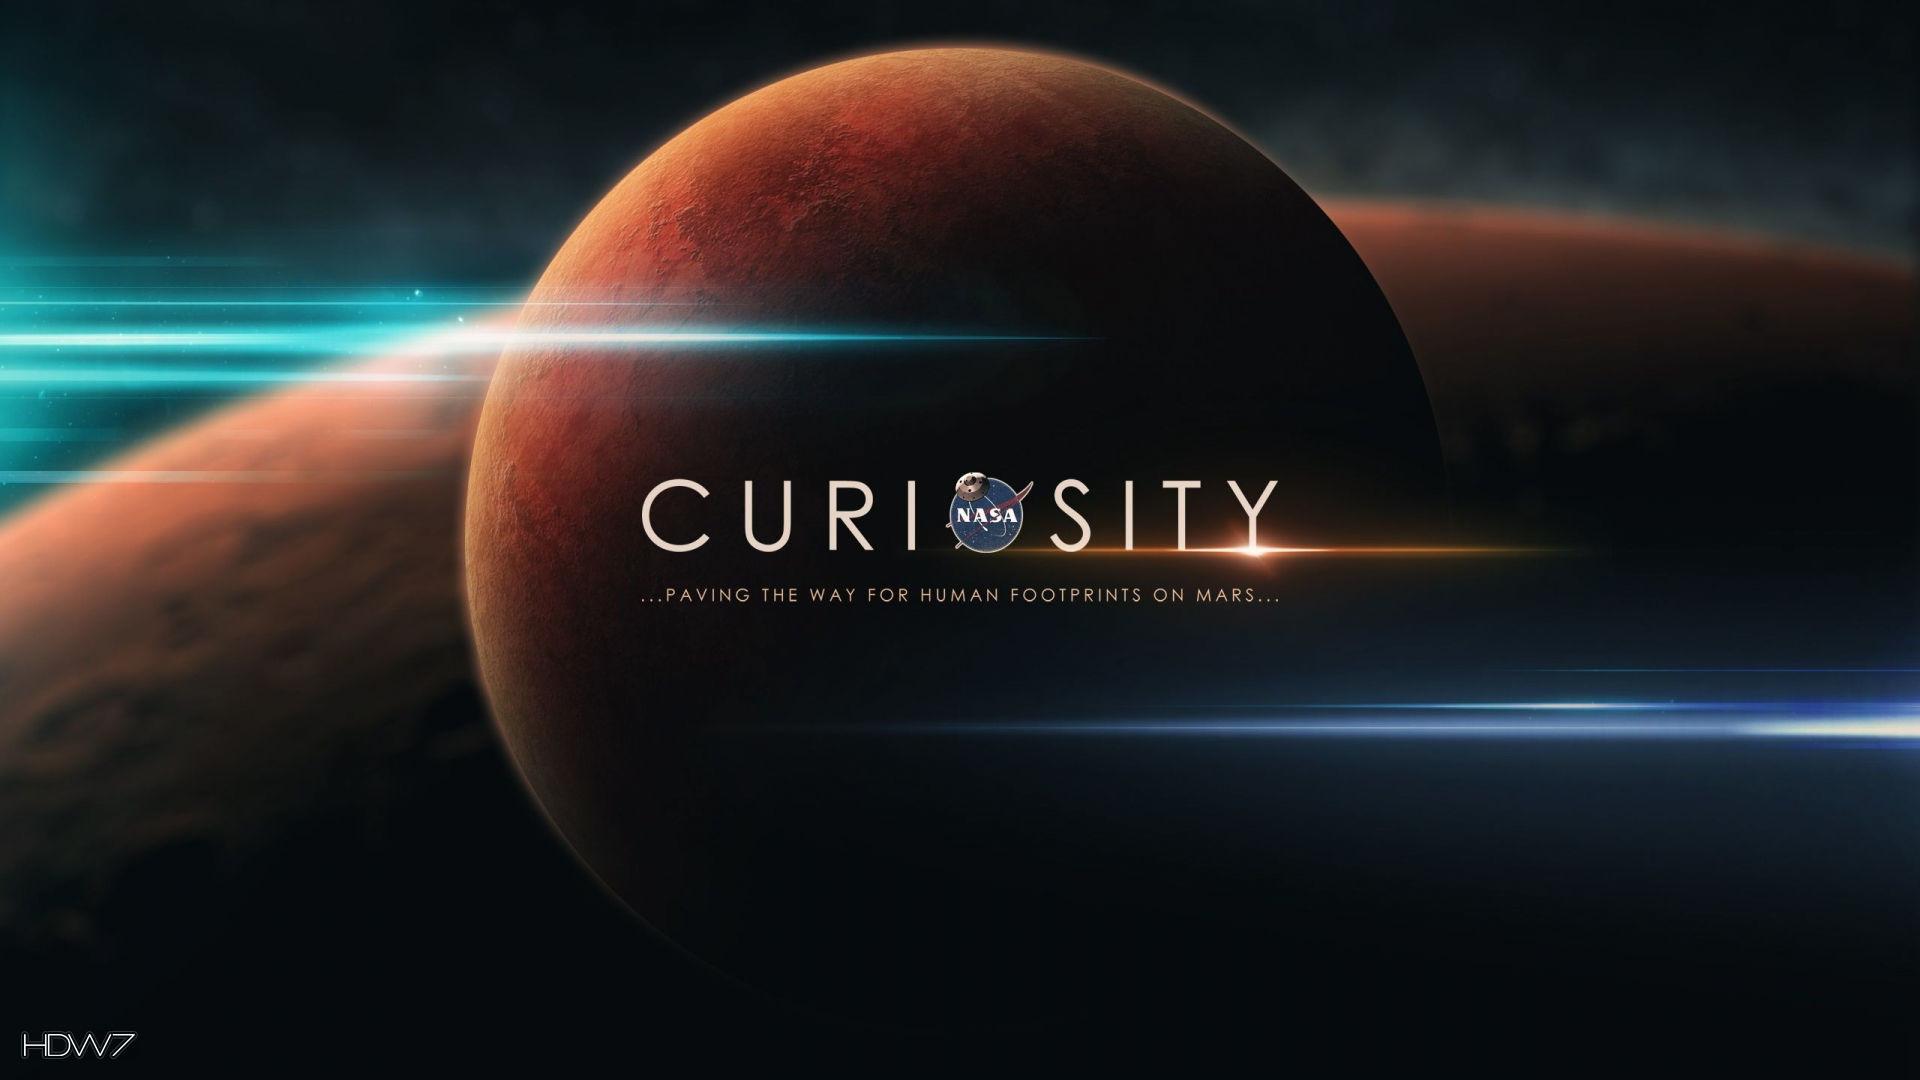 Res: 1920x1080, nasa mars curiosity wallpaper  hdtv 1080p